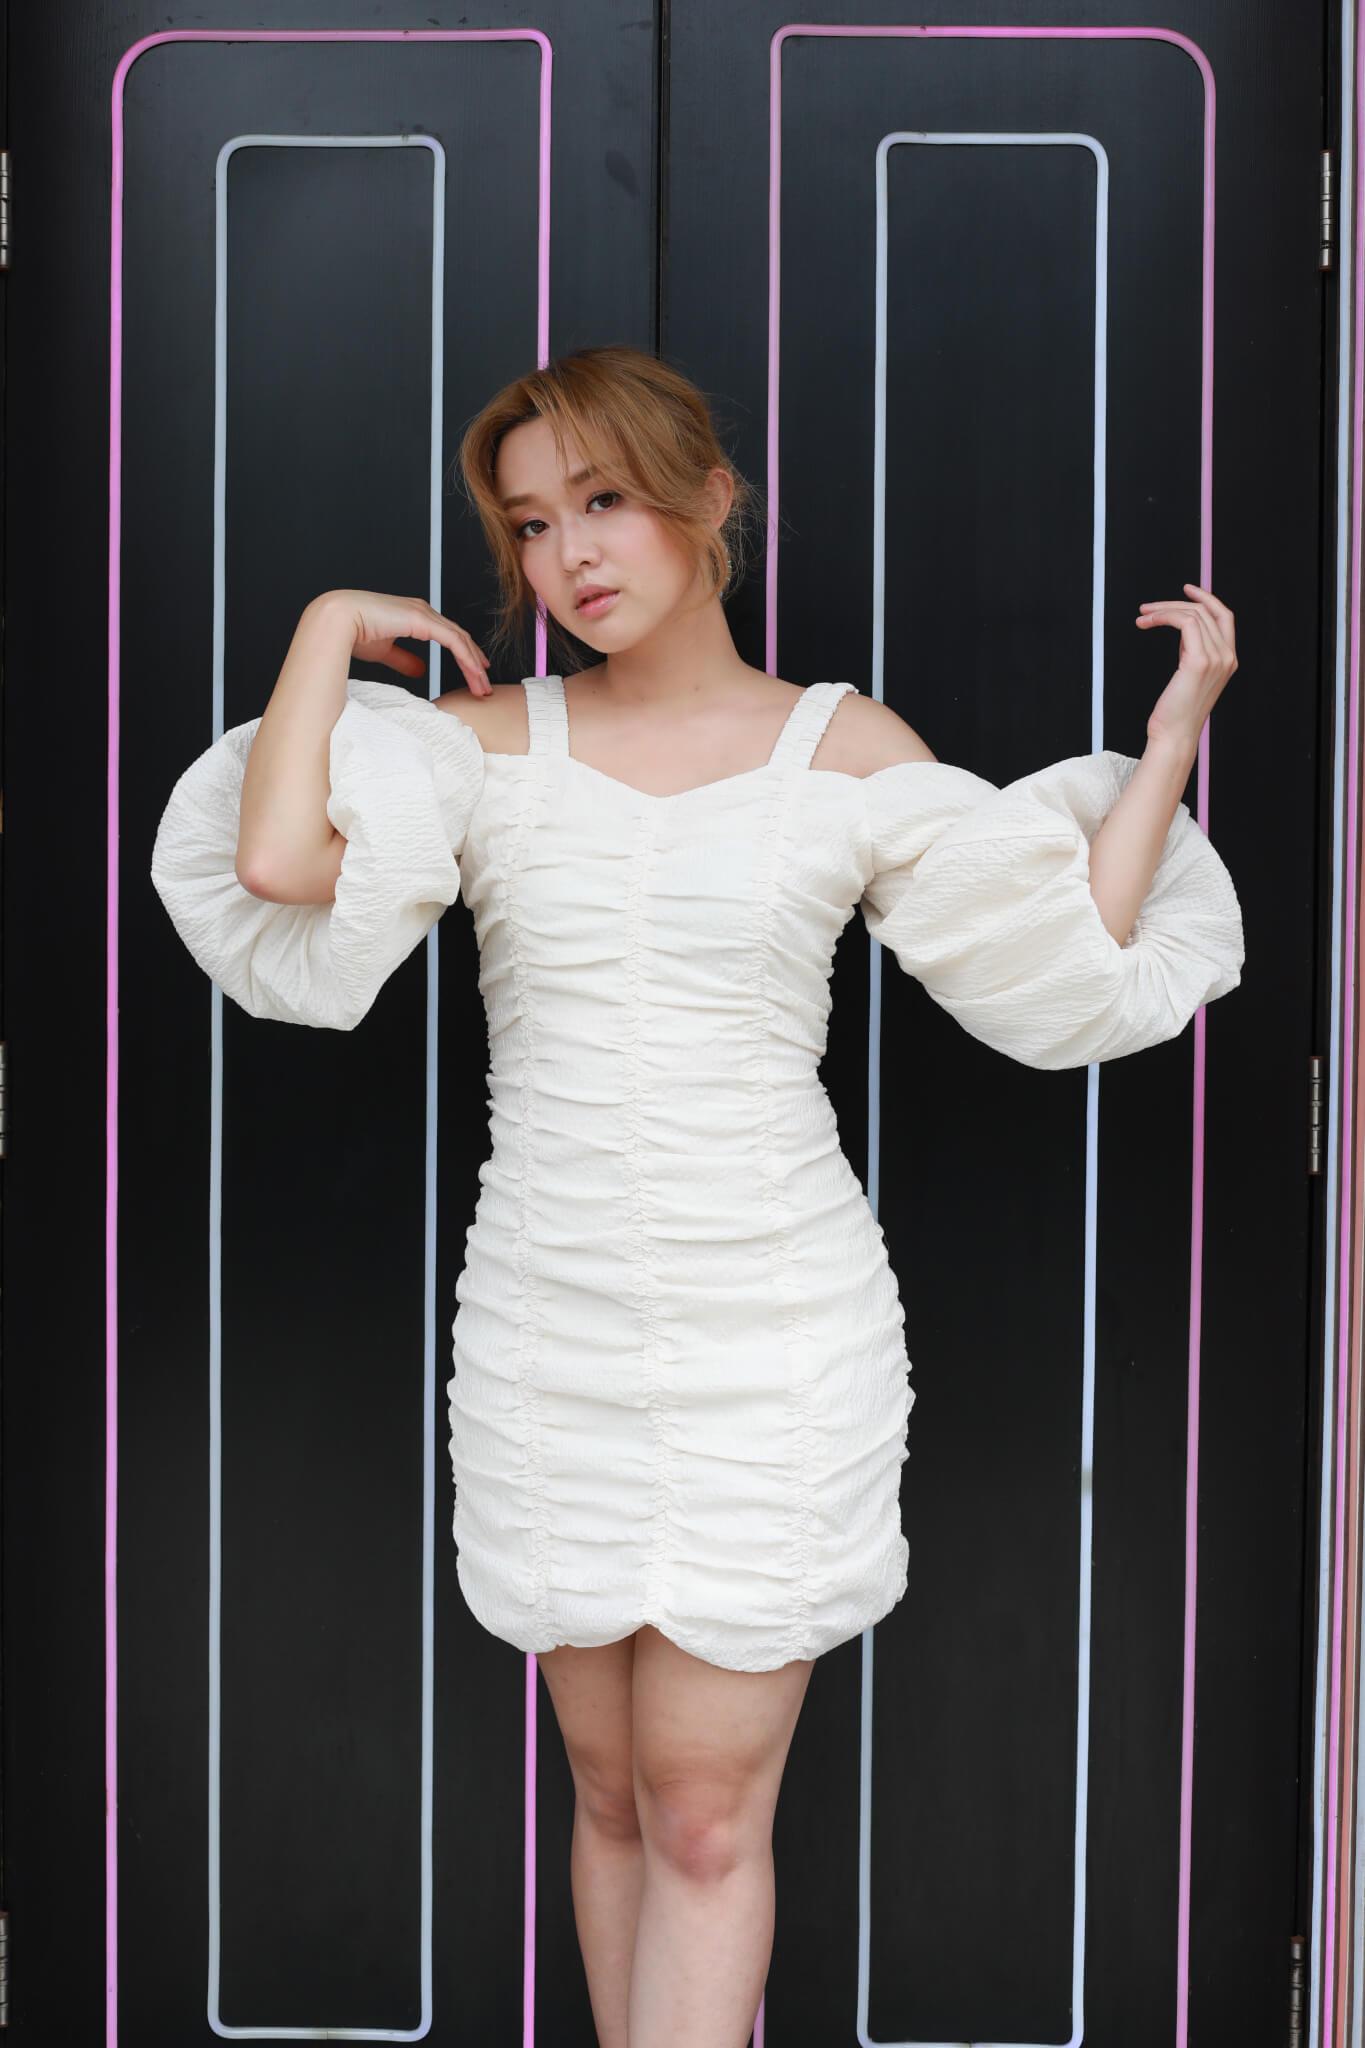 Jocelyn留在美國四個月,直到上月隔離完成,才可以為新碟宣傳。